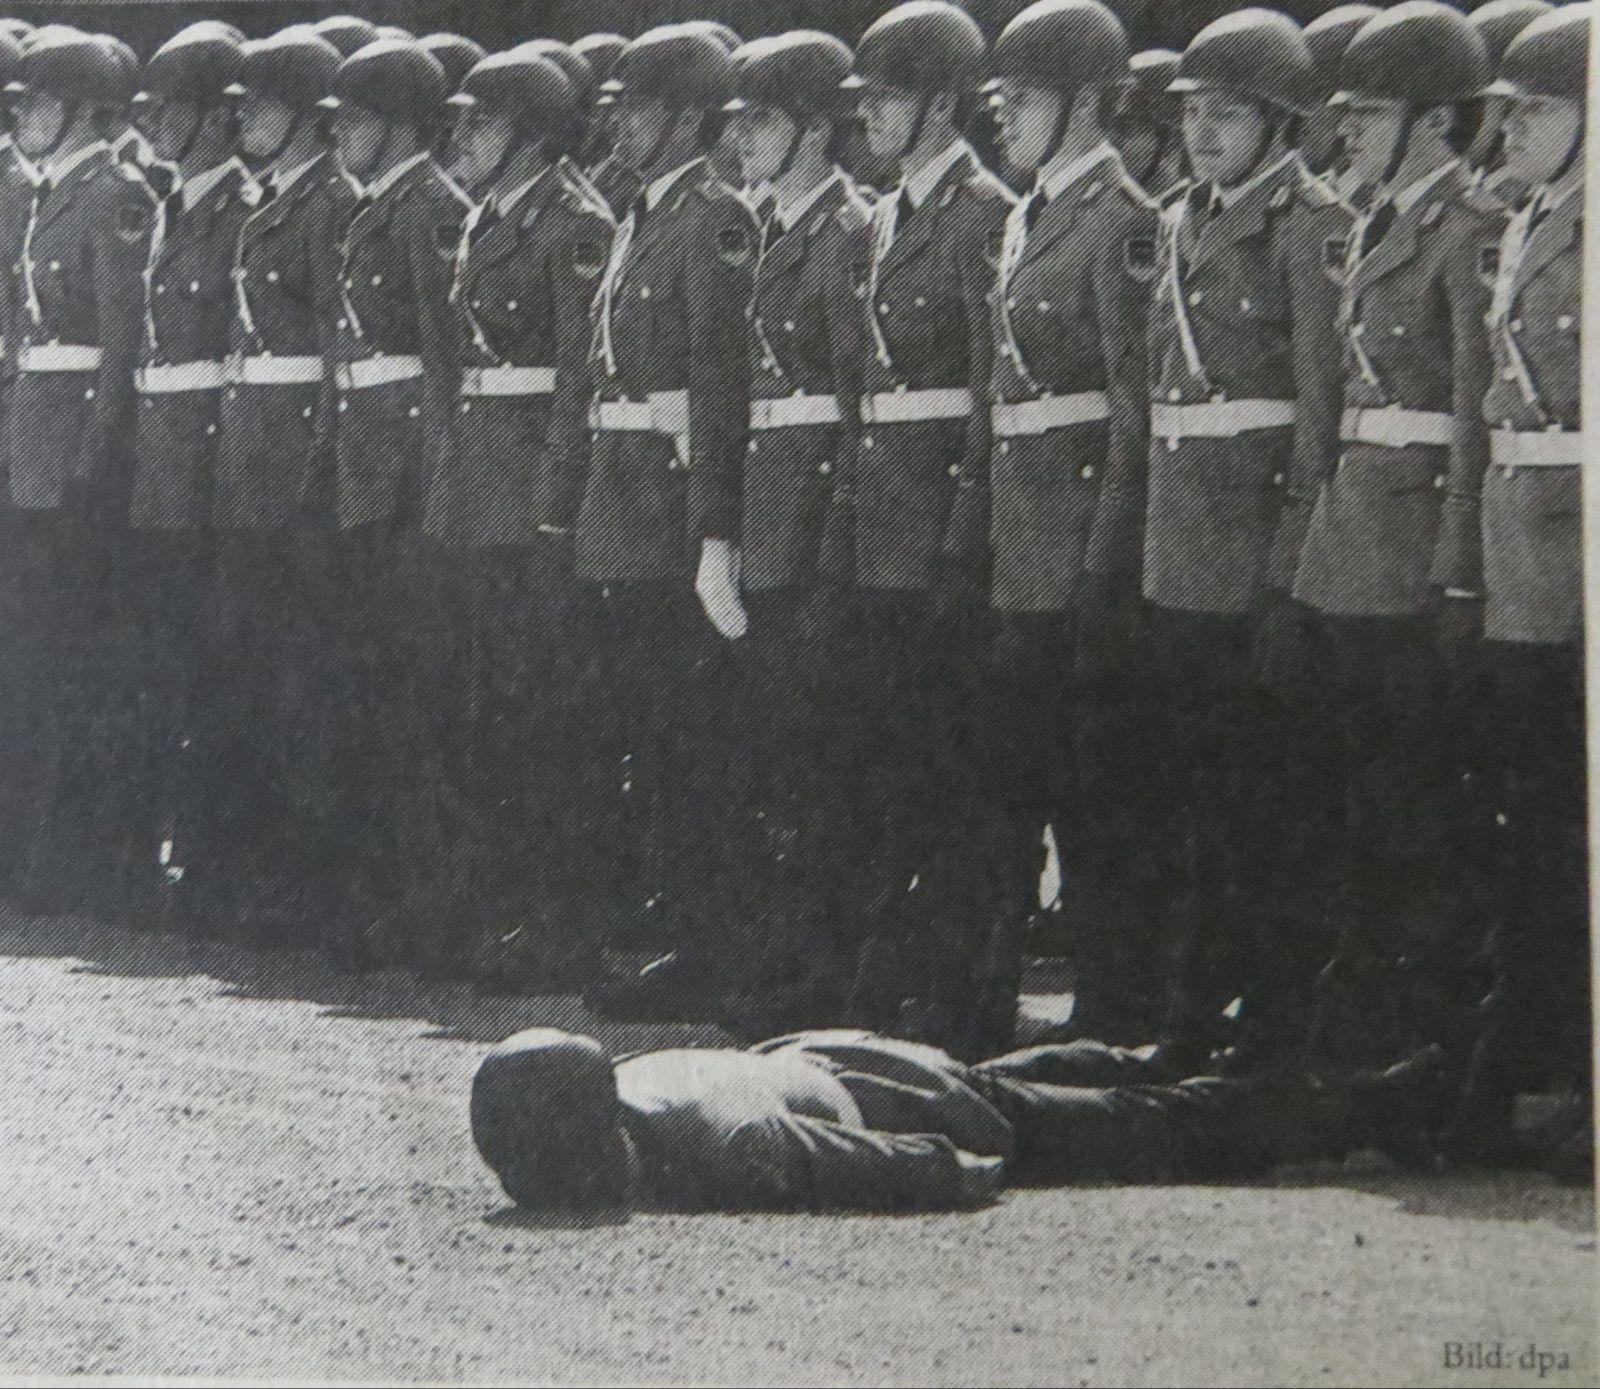 Charlie Watts 1941 – 2021 Kurznachruf - featured image